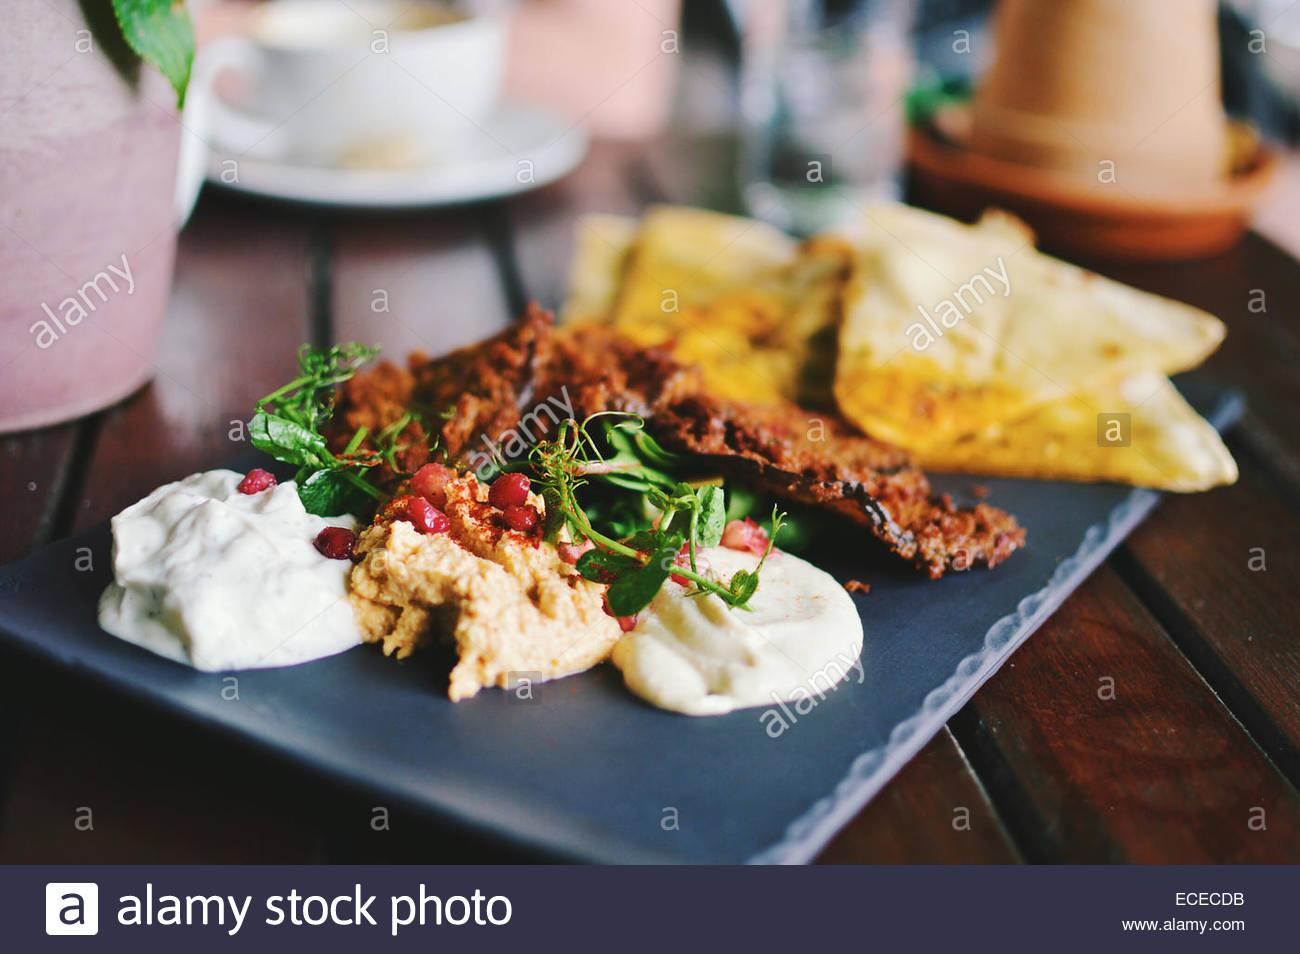 Mezze méditerranéens avec des pains plats, l'hoummos et Grenade Photo Stock